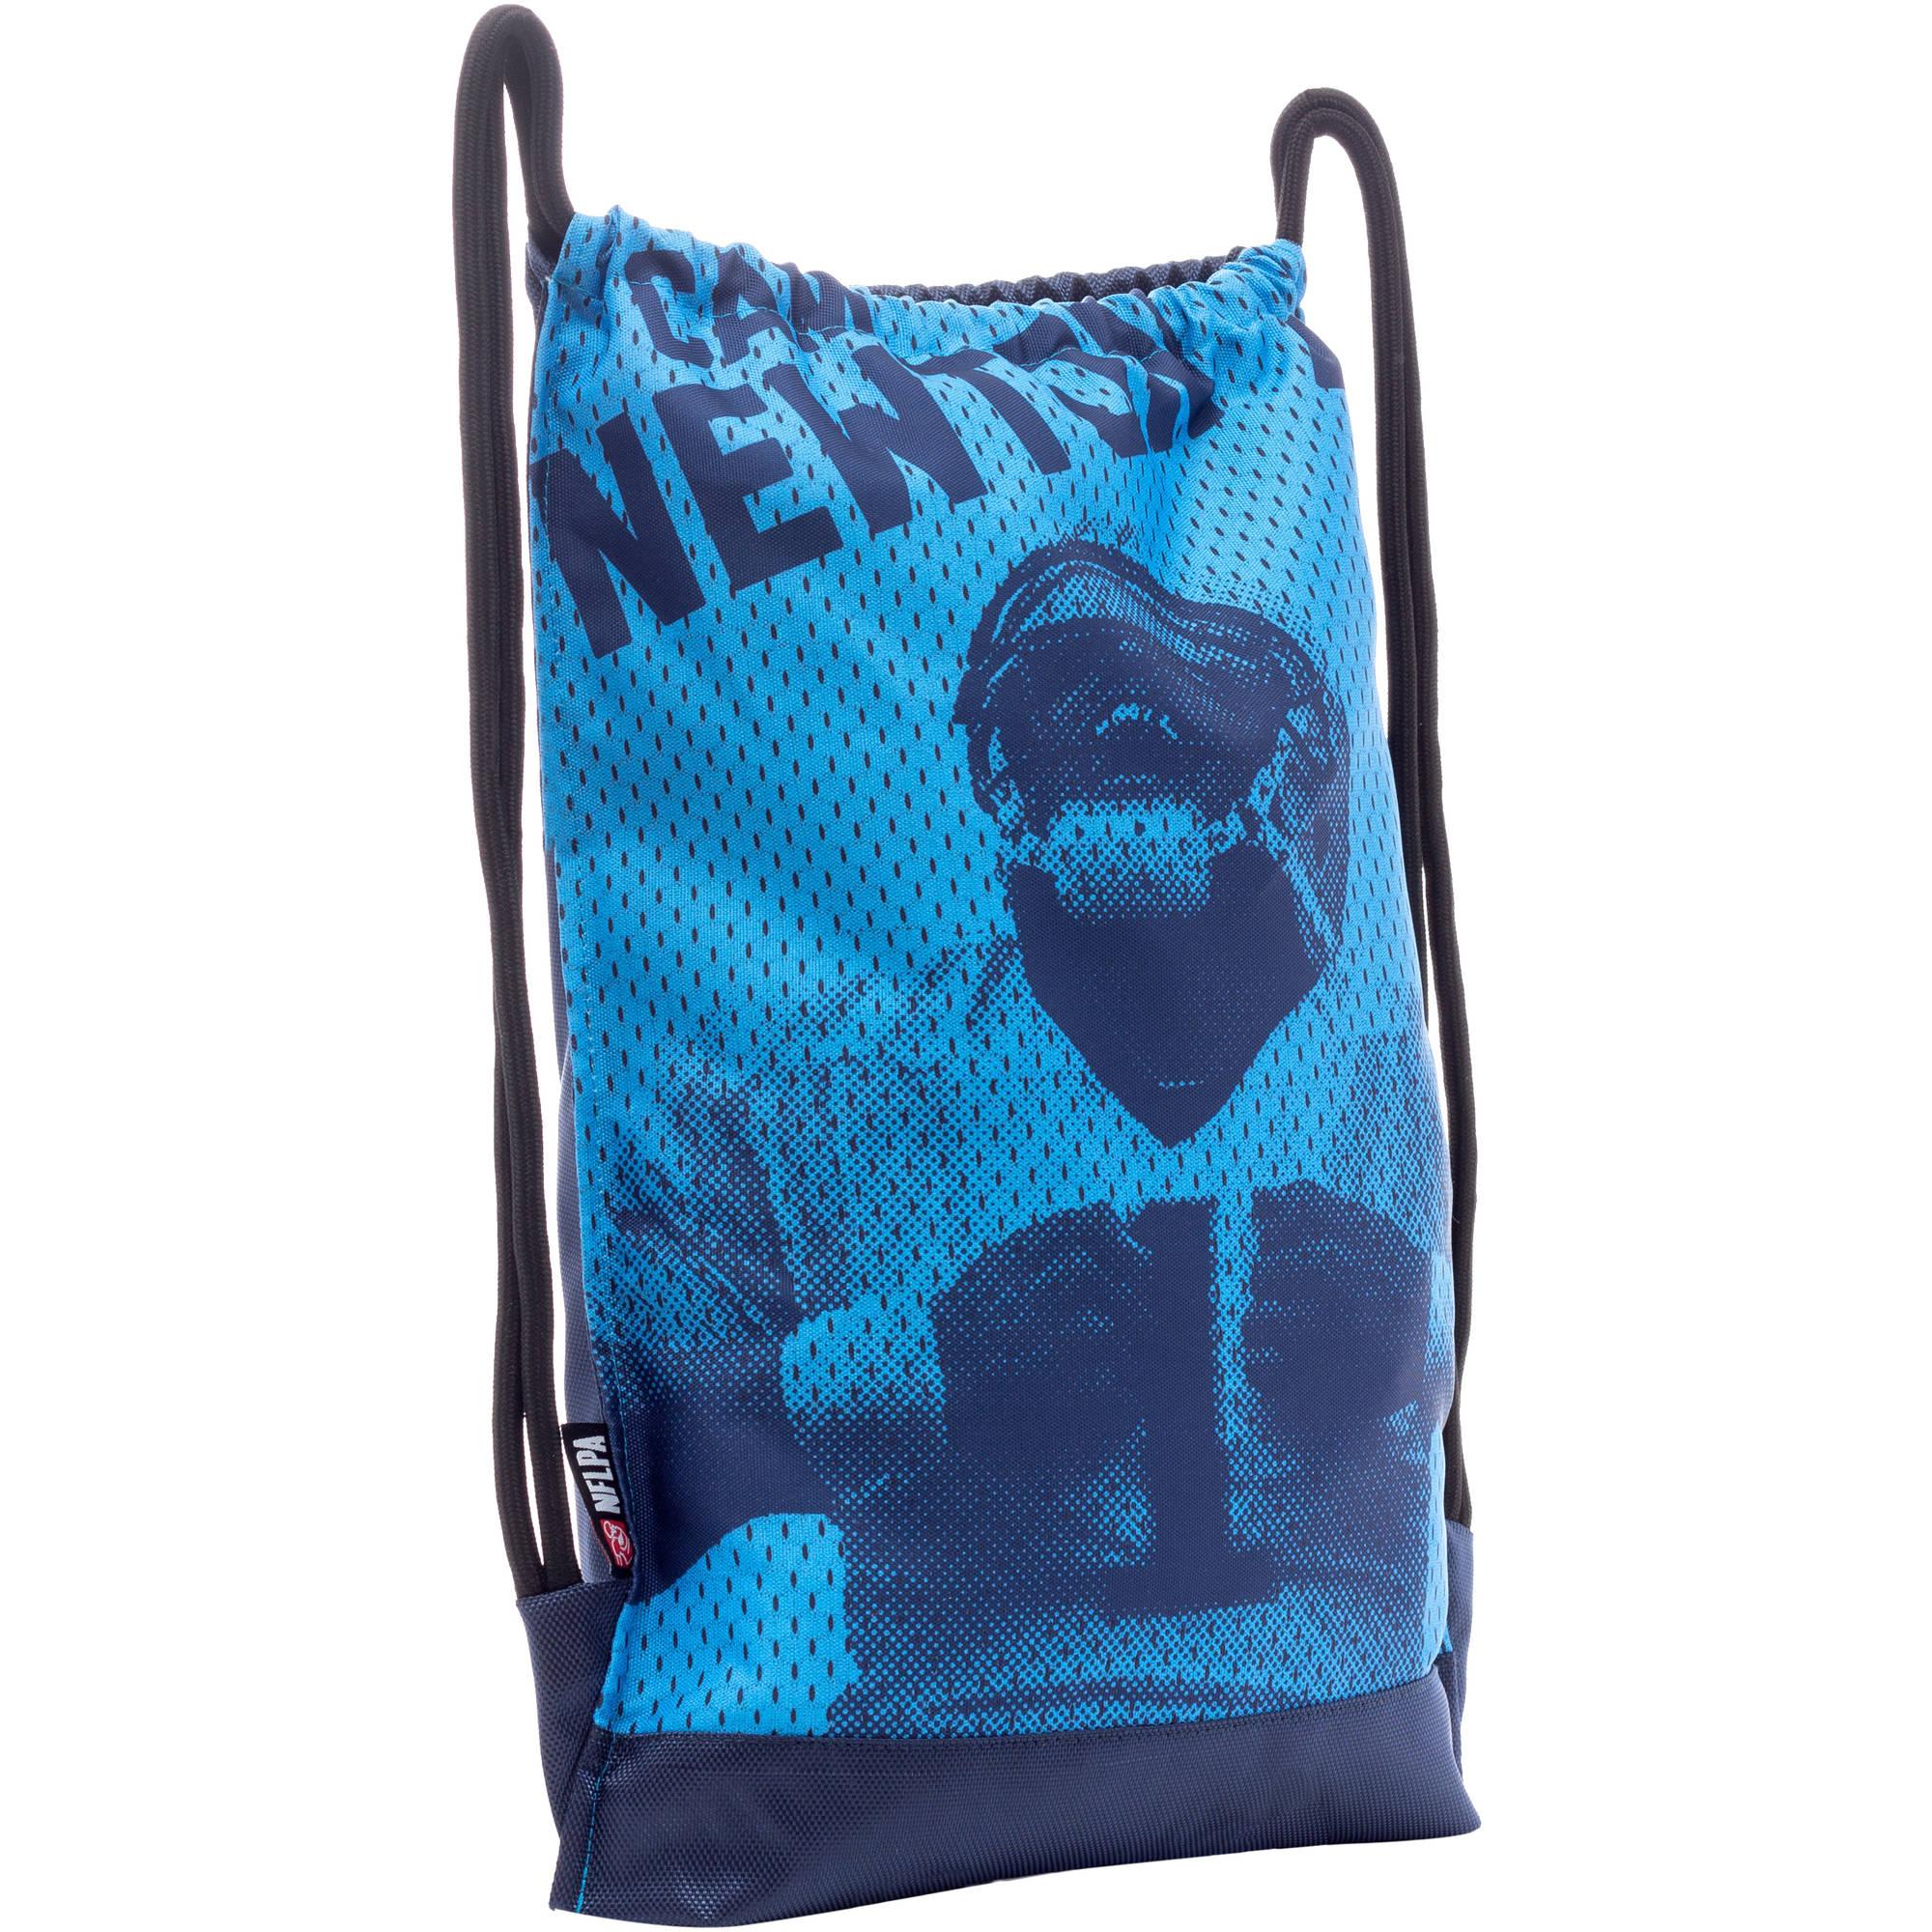 NFLPA Cam Newton #1 Sling Bag - Walmart.com